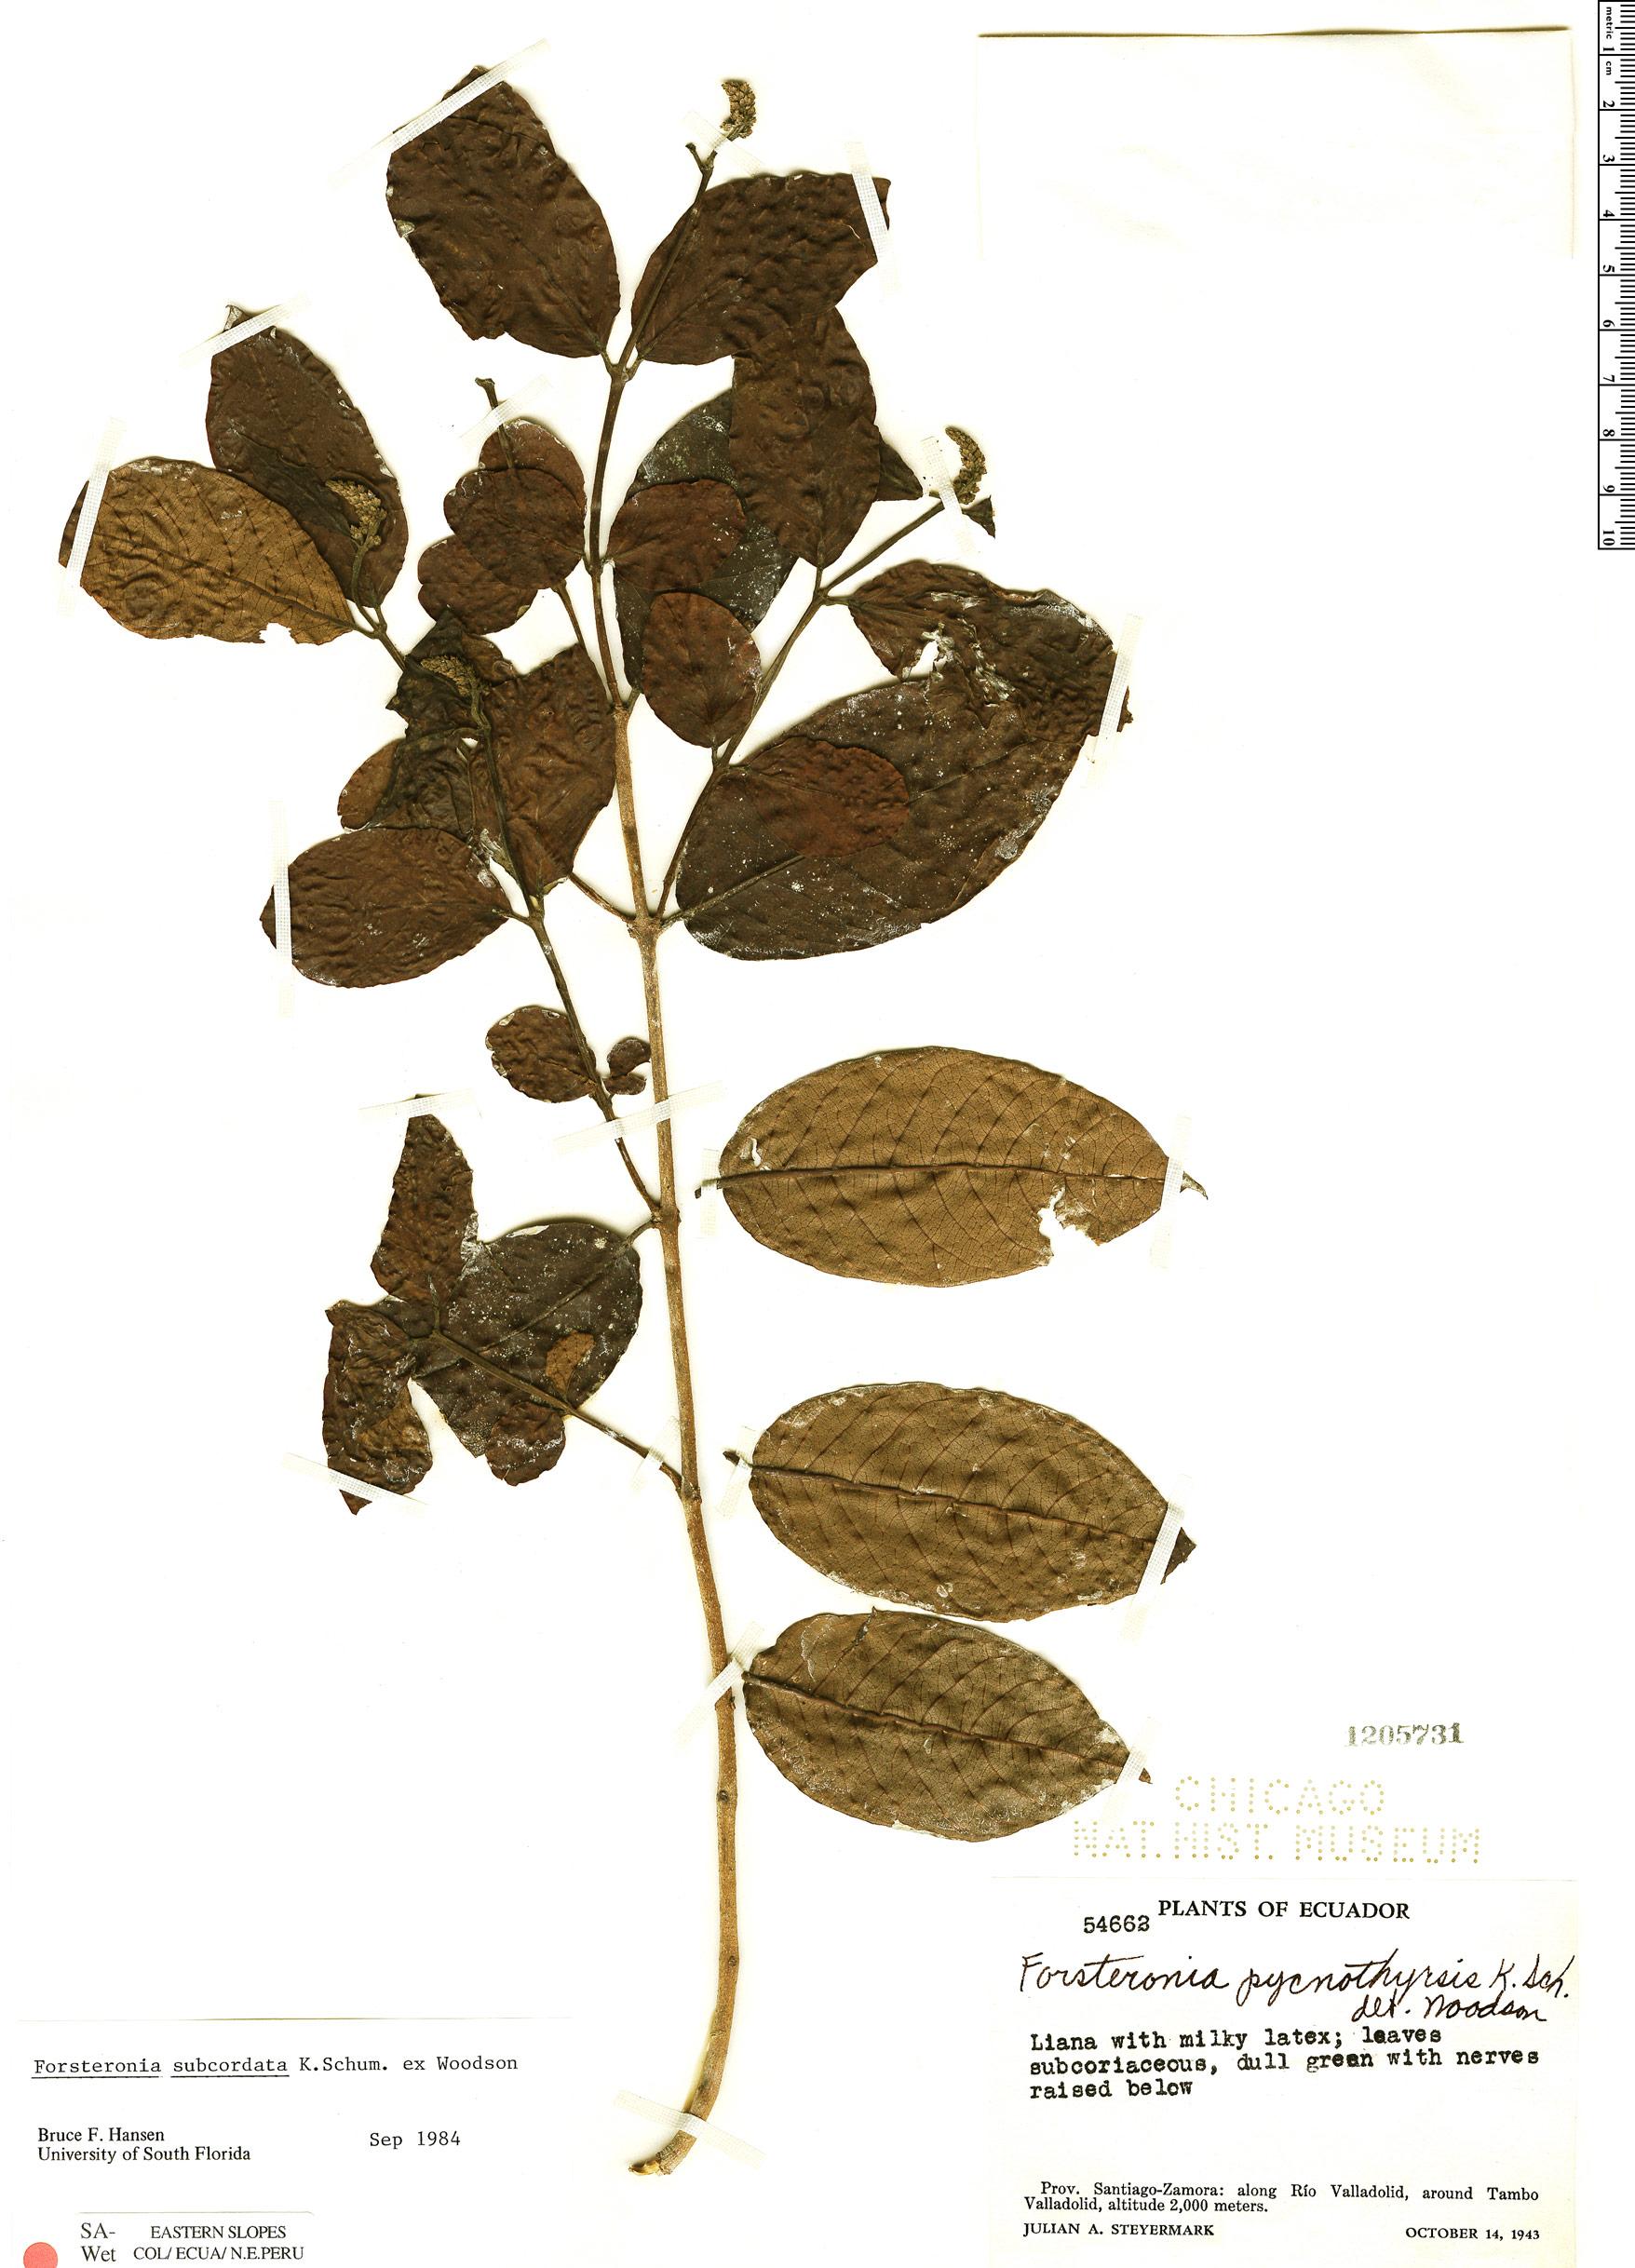 Specimen: Forsteronia subcordata